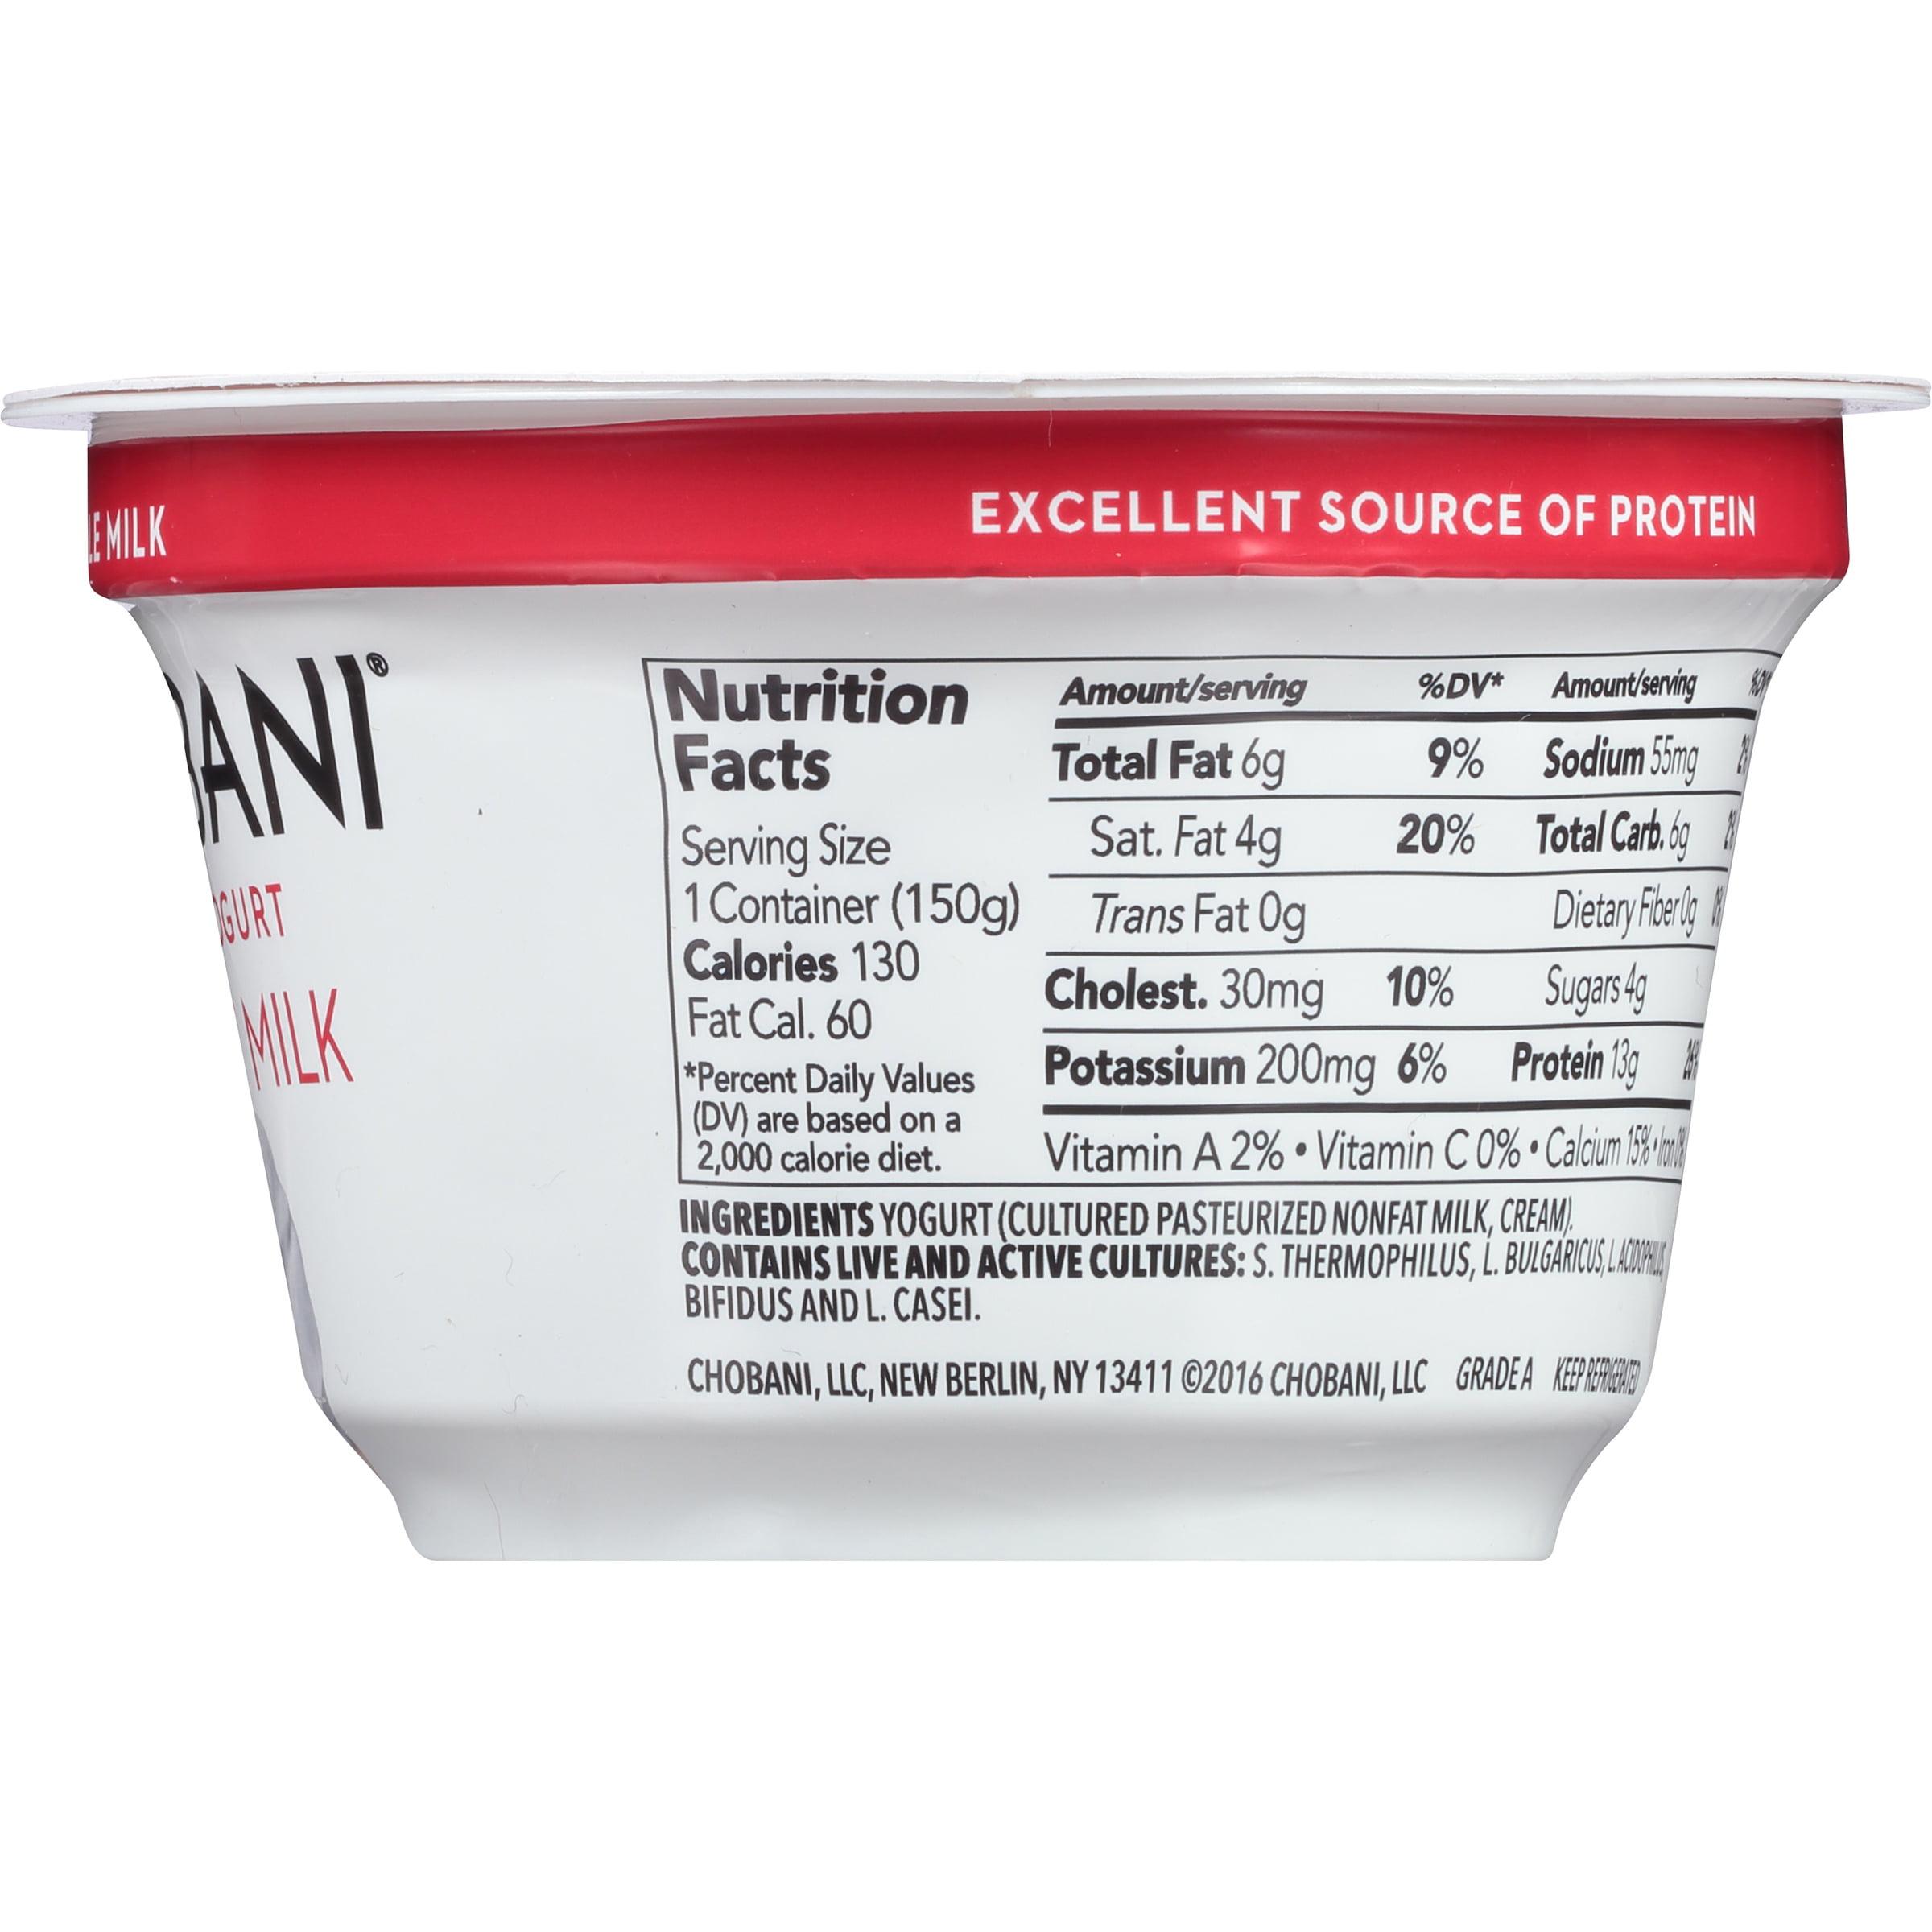 Chobani Nutrition Label – Besto Blog